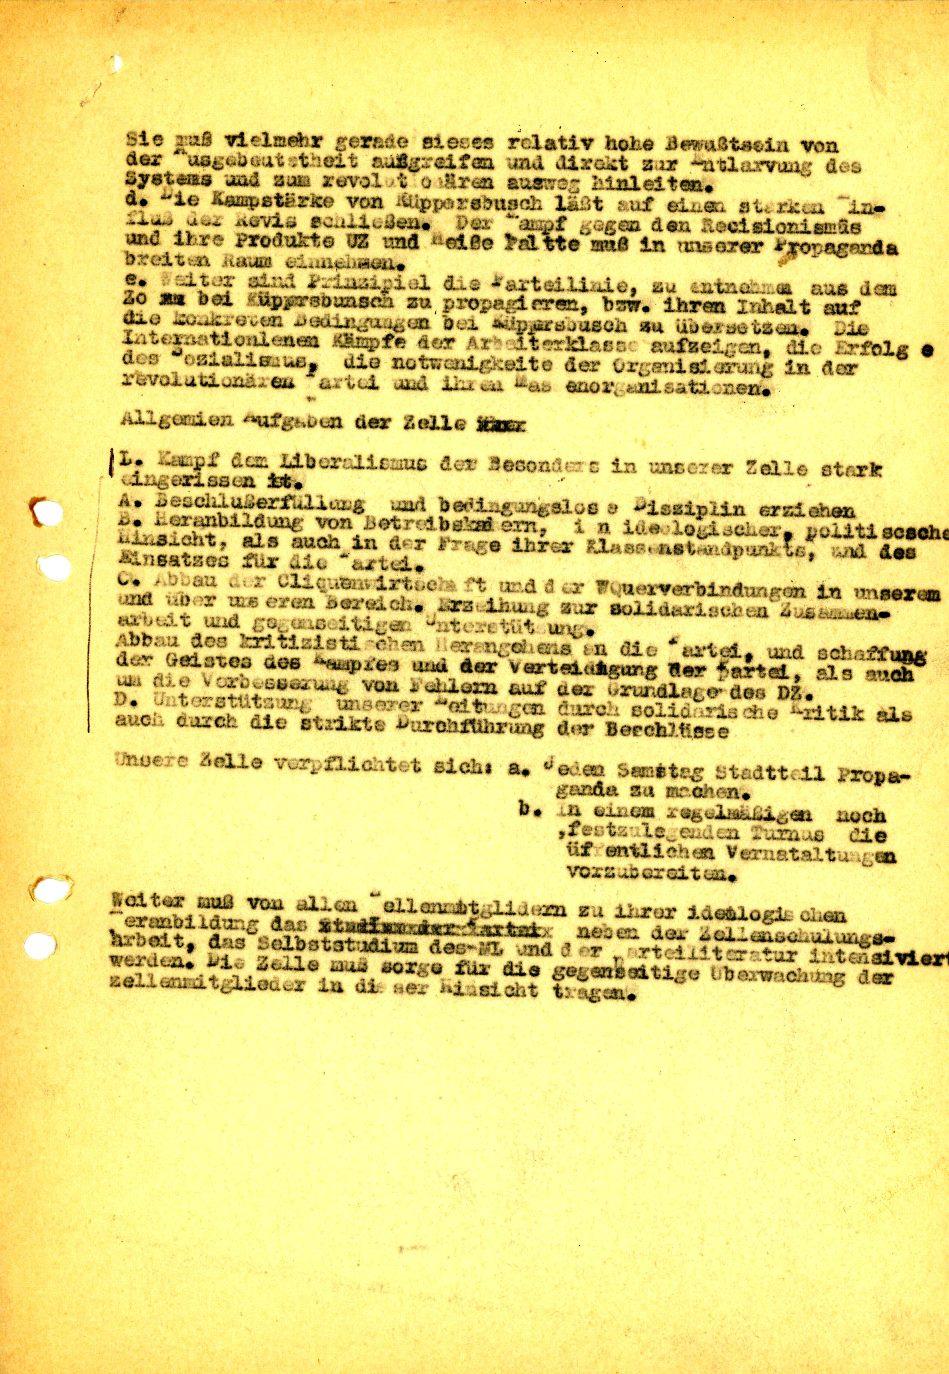 Entwurf_KPD_ML_1973_08